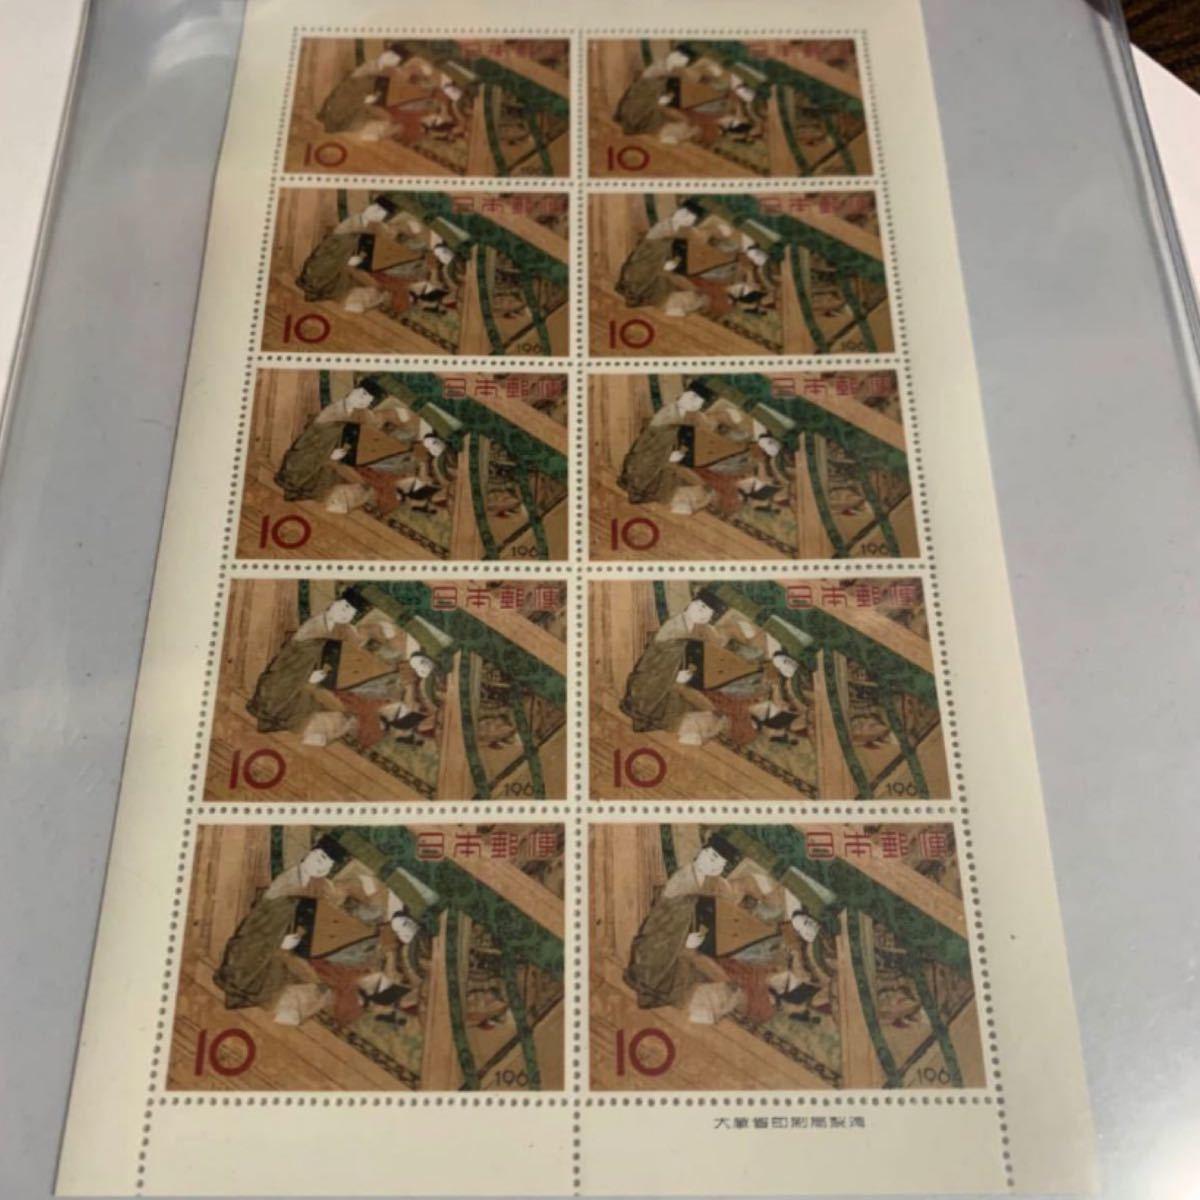 切手趣味週間 源氏物語  昭和39年  切手 日本切手 切手シート 記念切手